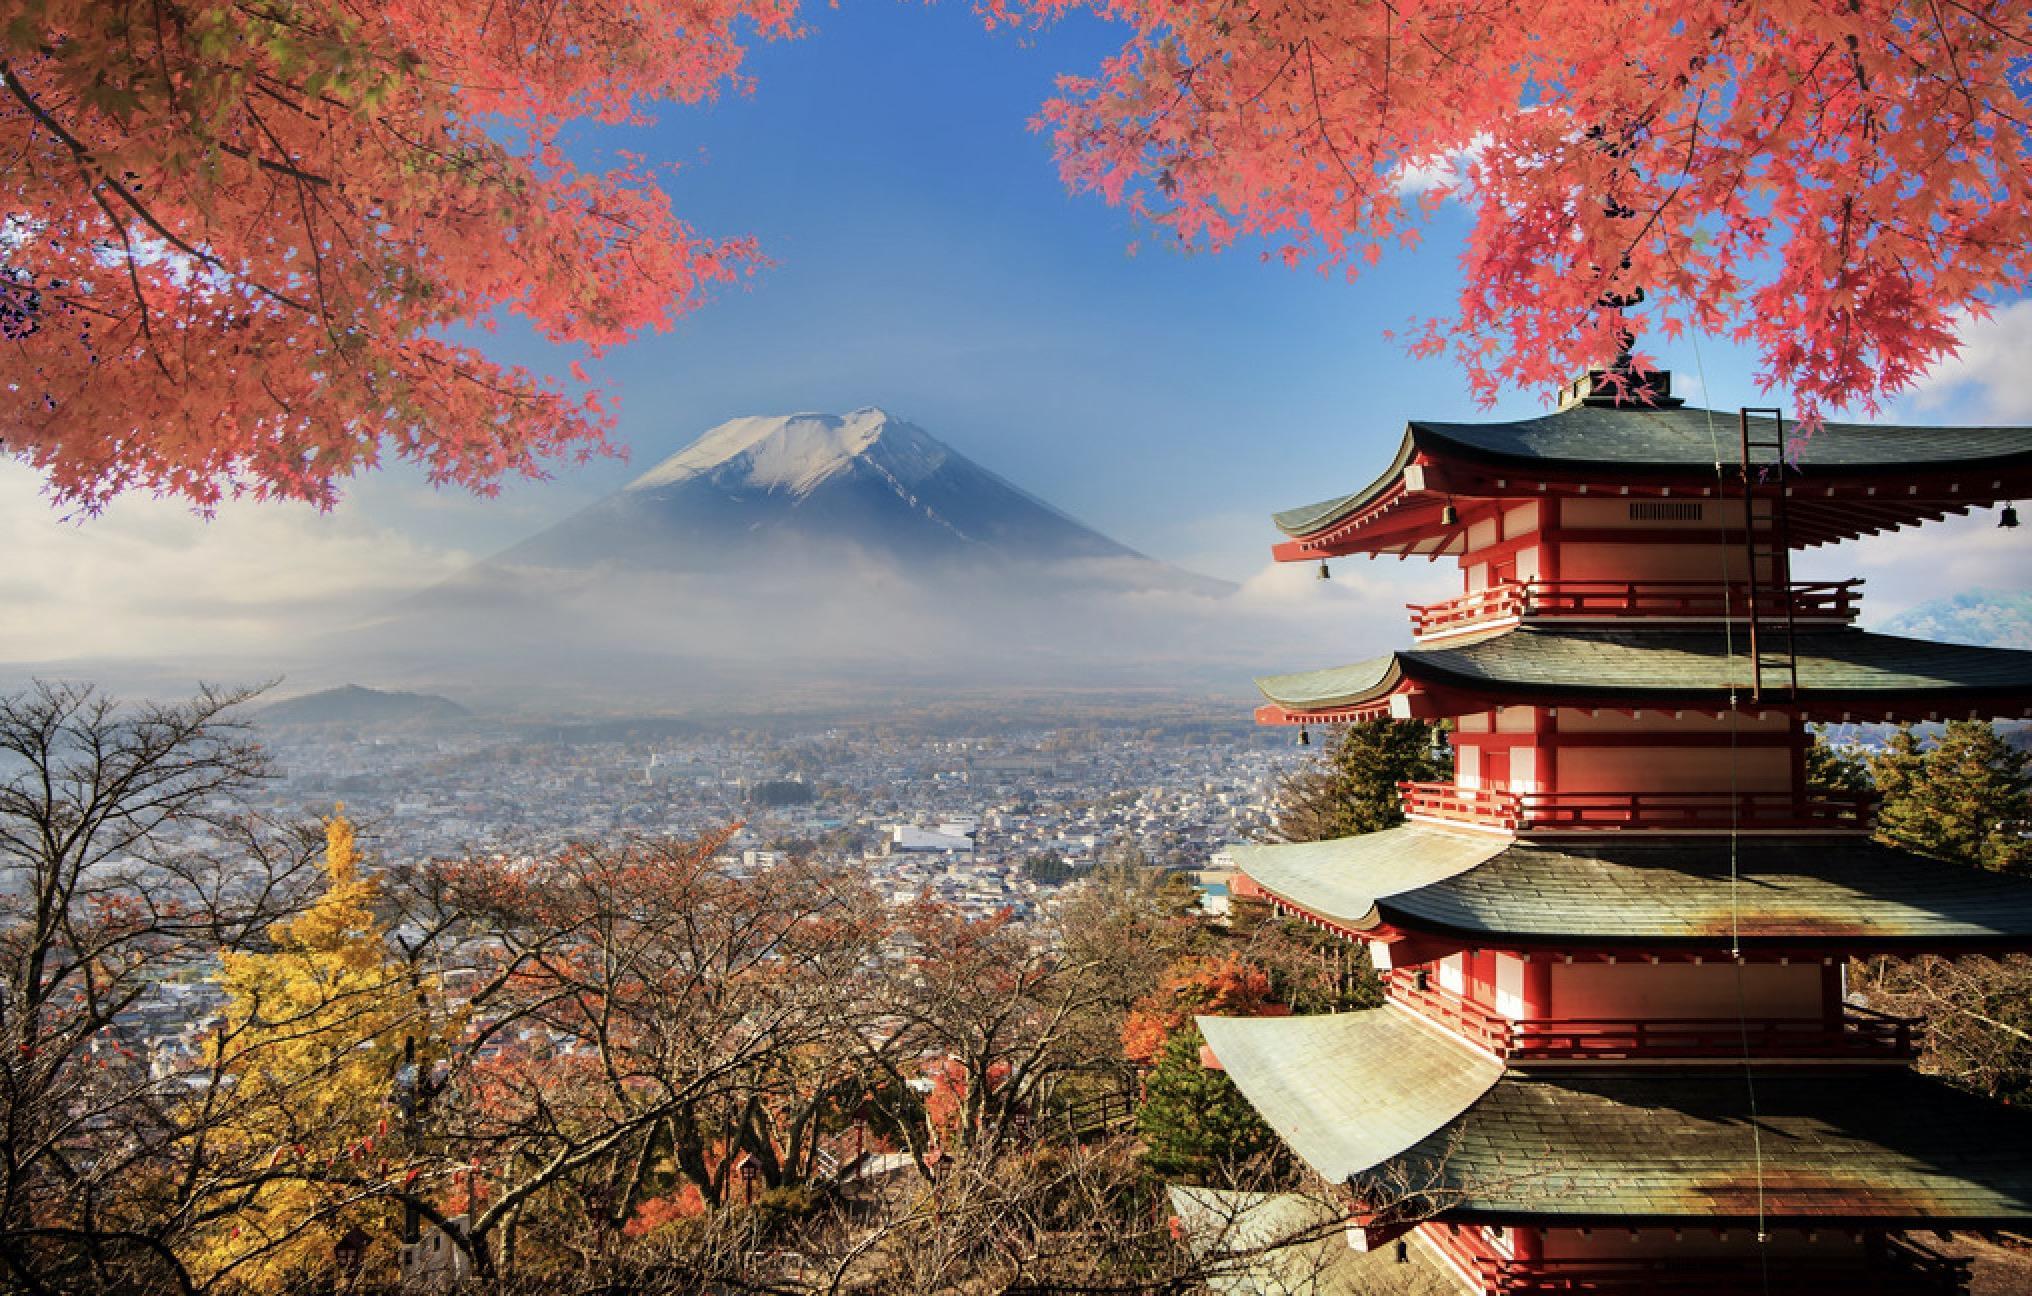 在日本留学如何保护好自己?